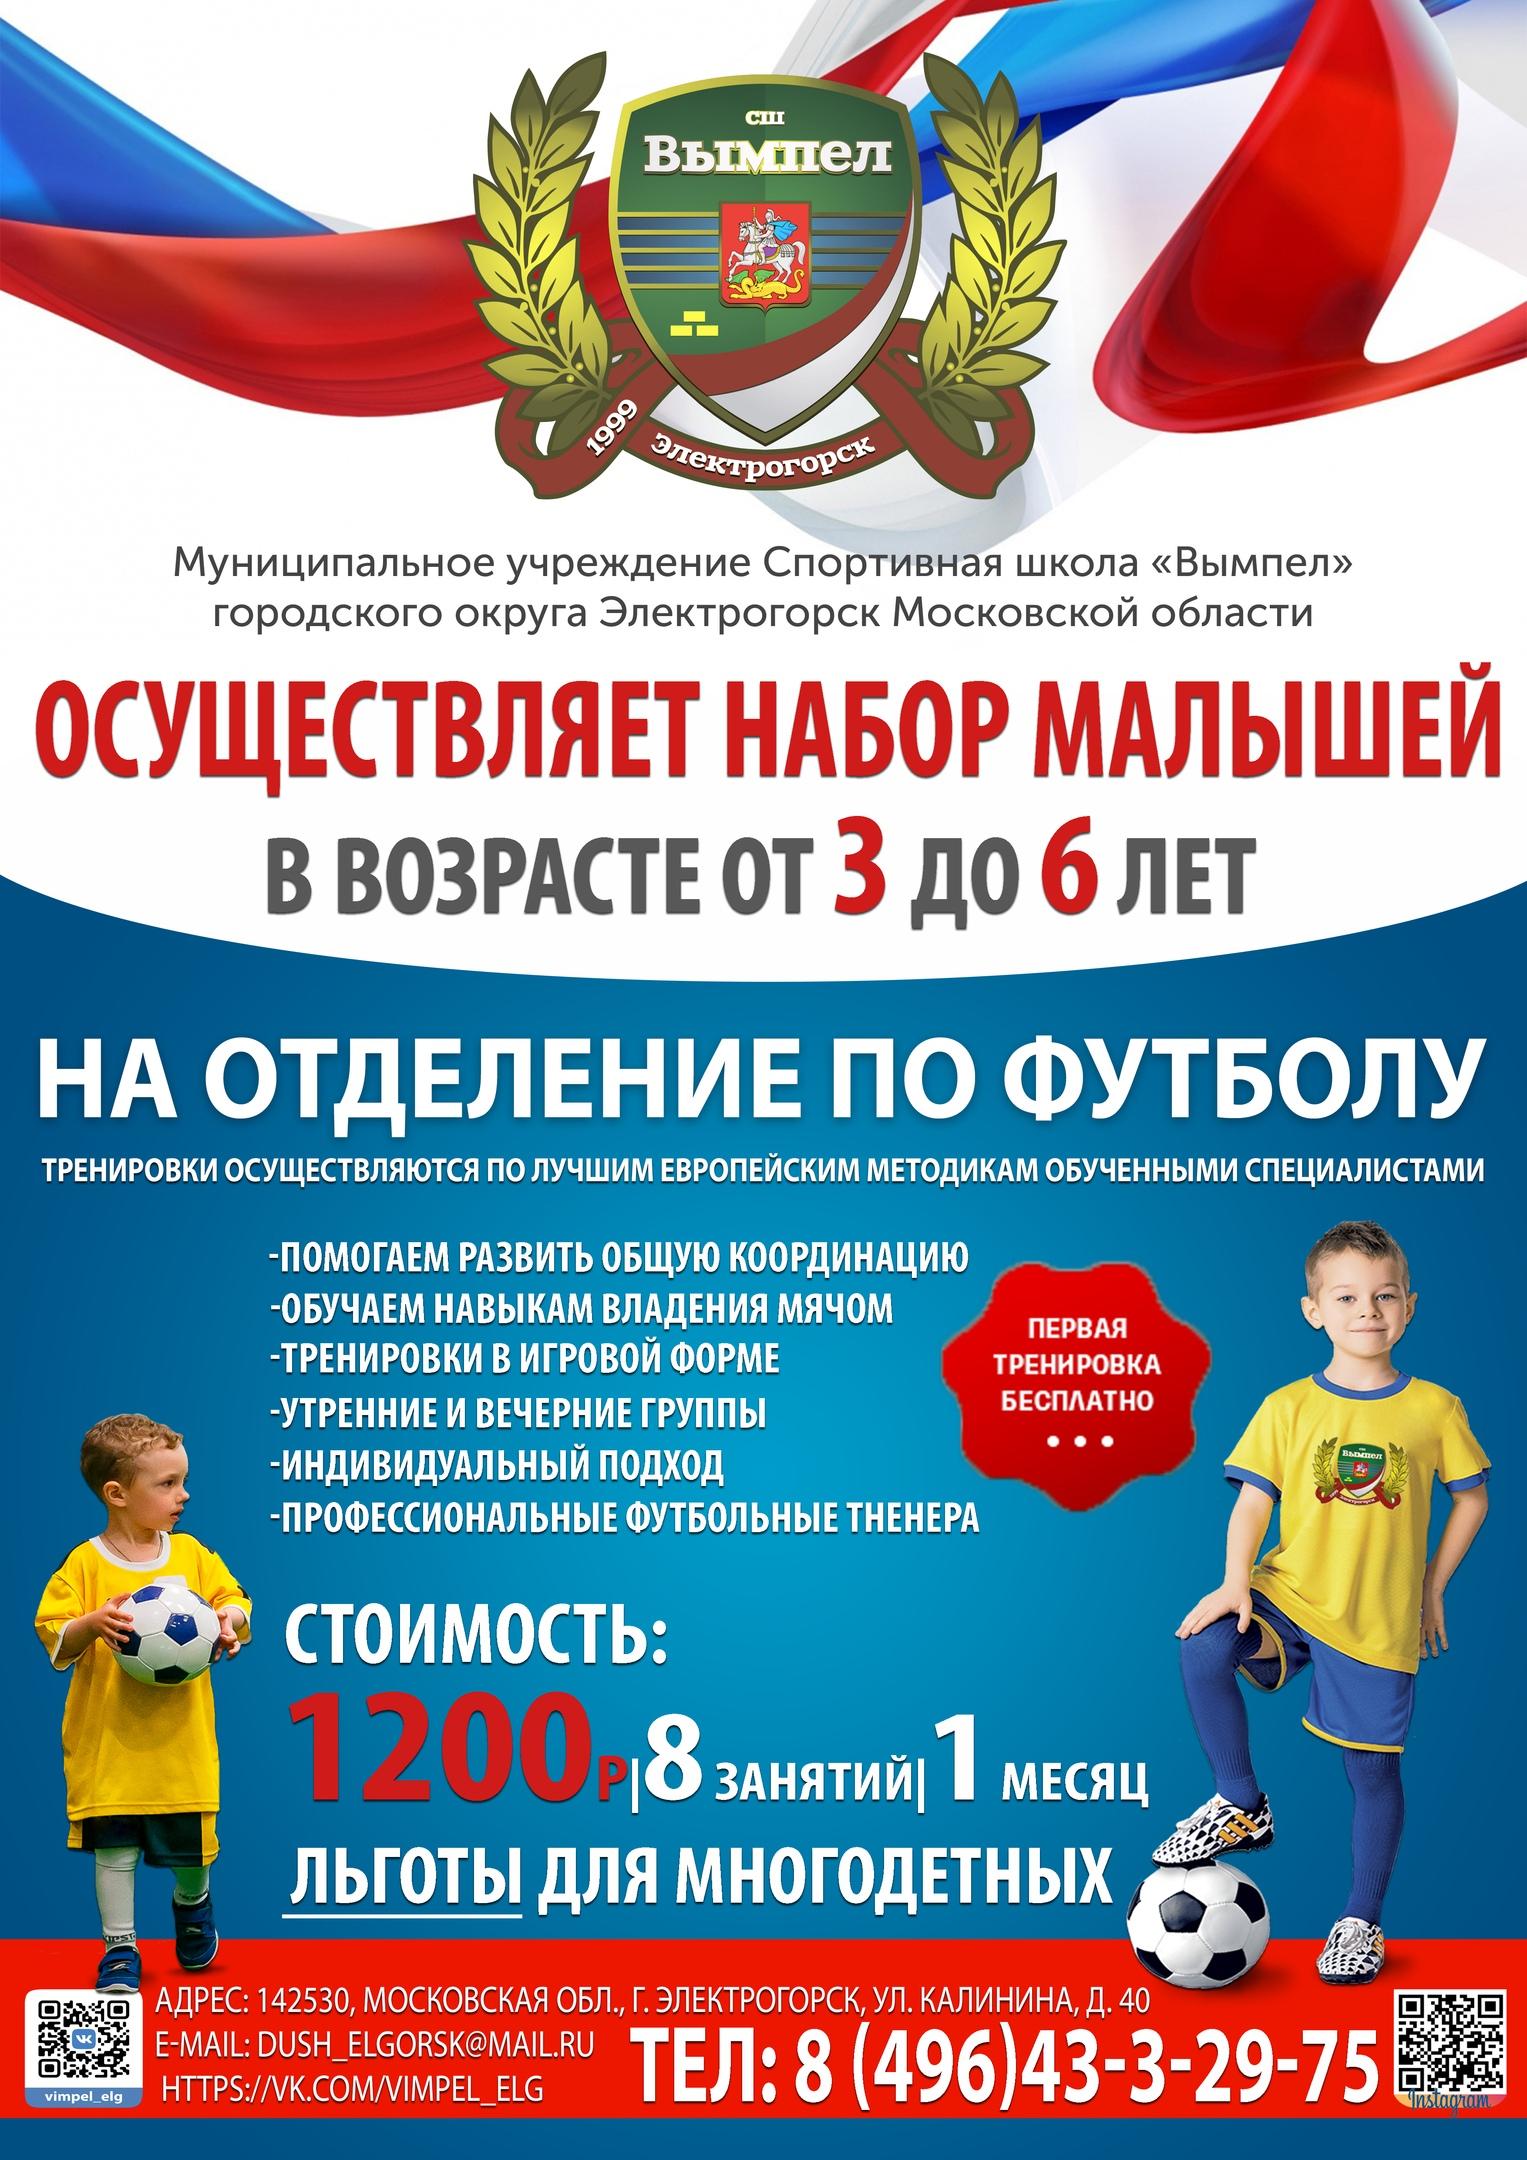 Спортивная Школа «Вымпел» осуществляет набор детей по